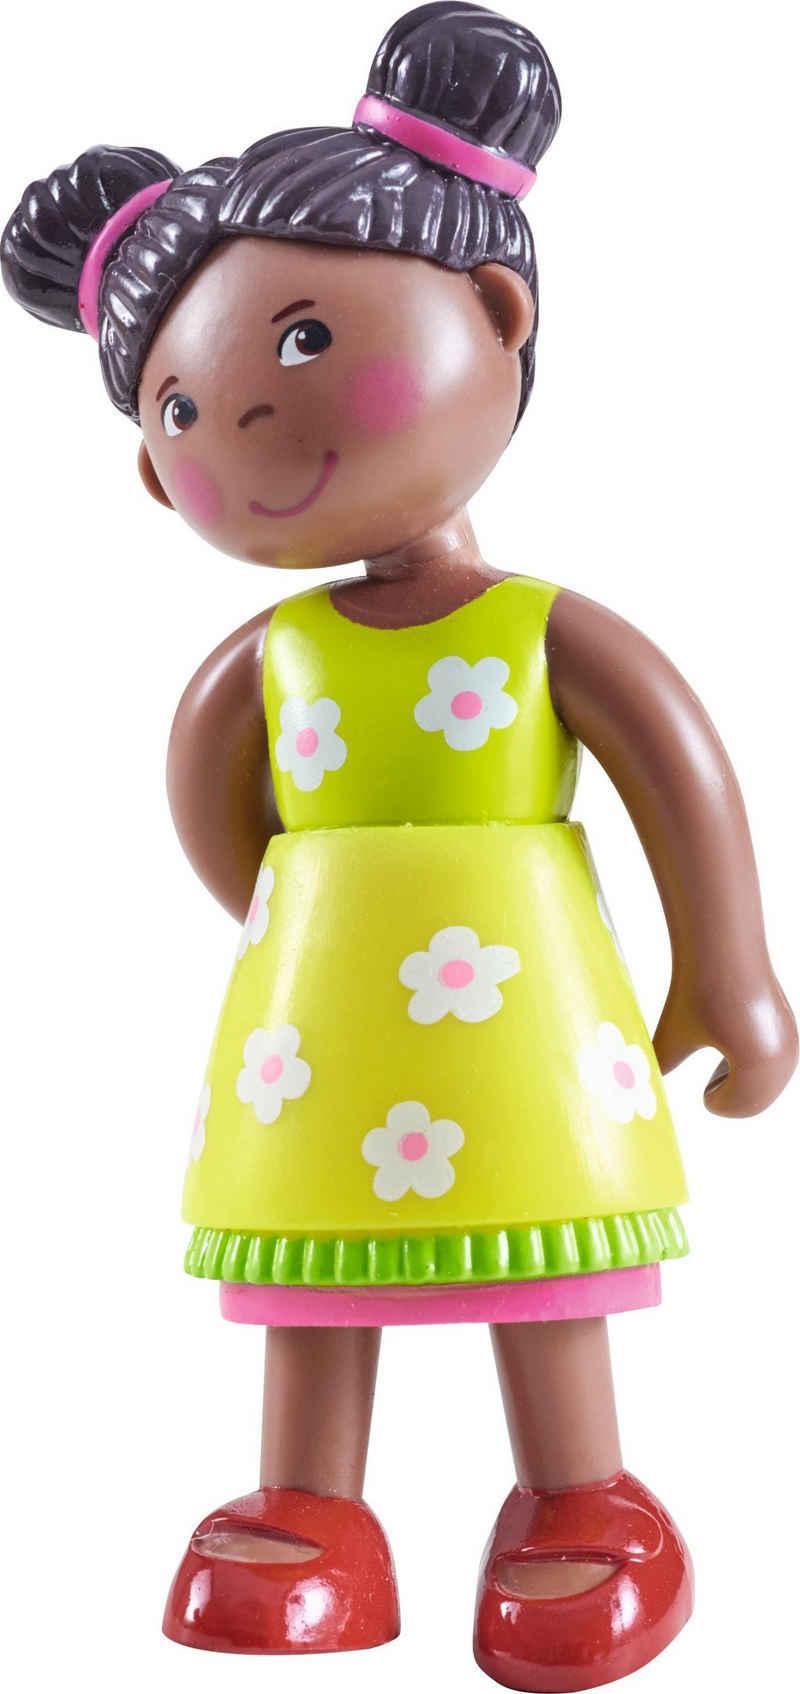 Haba Biegepuppe »Little Friends - Naomi« (Set, 1-tlg)